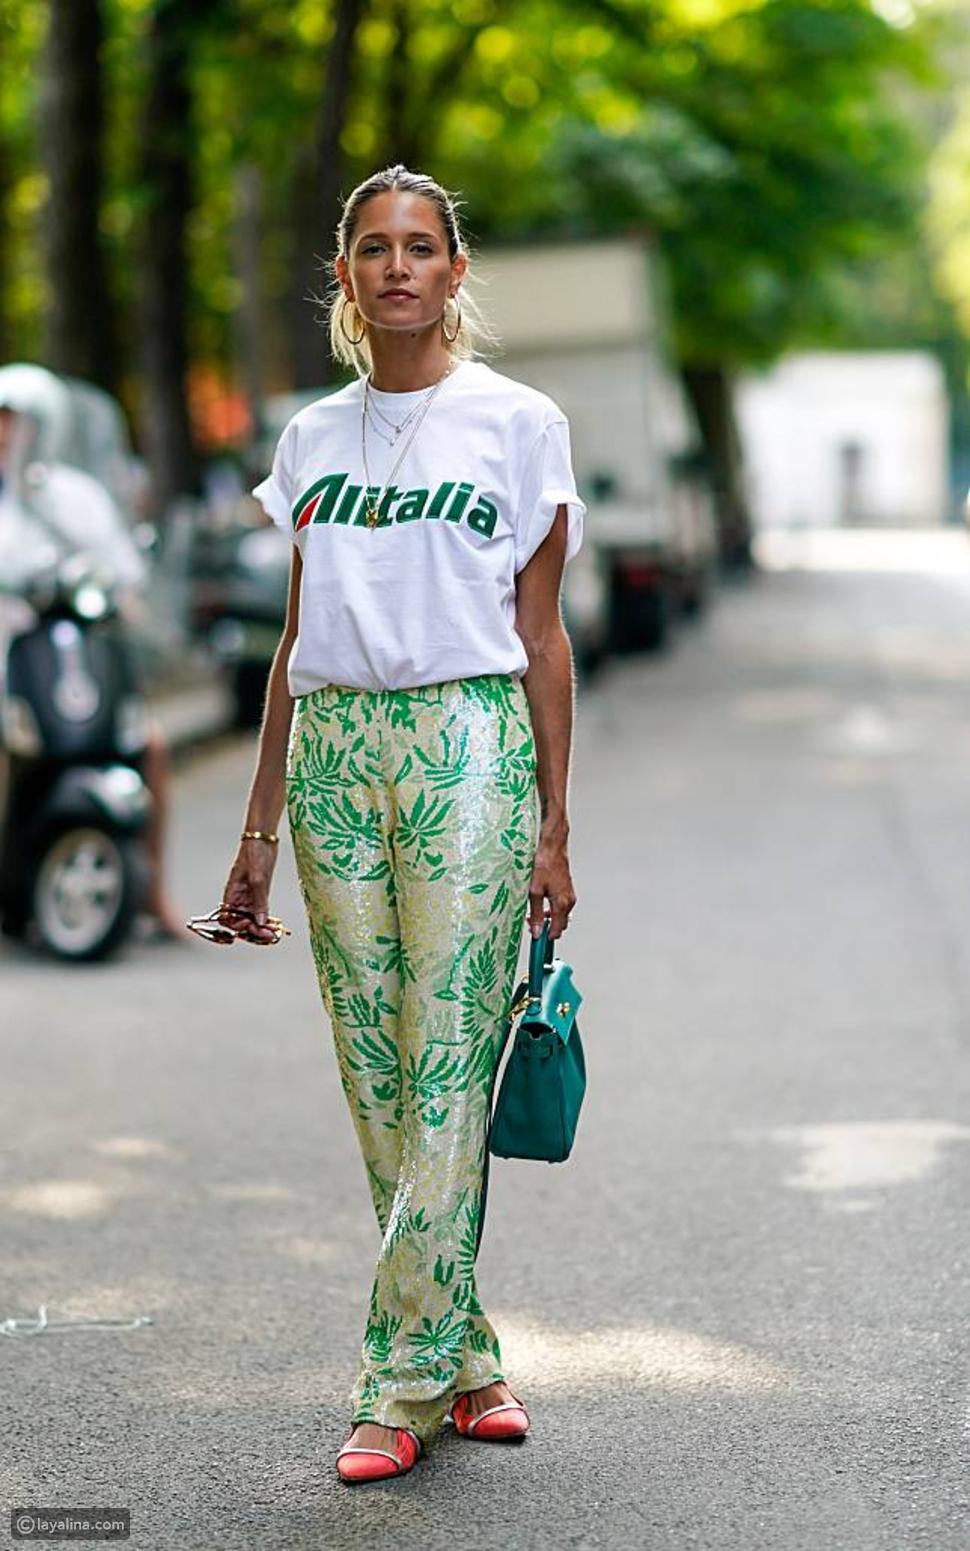 أخطاء في الموضة لا يجب أن ترتكبيها بعد الآن: عدم التوازن بين القطع